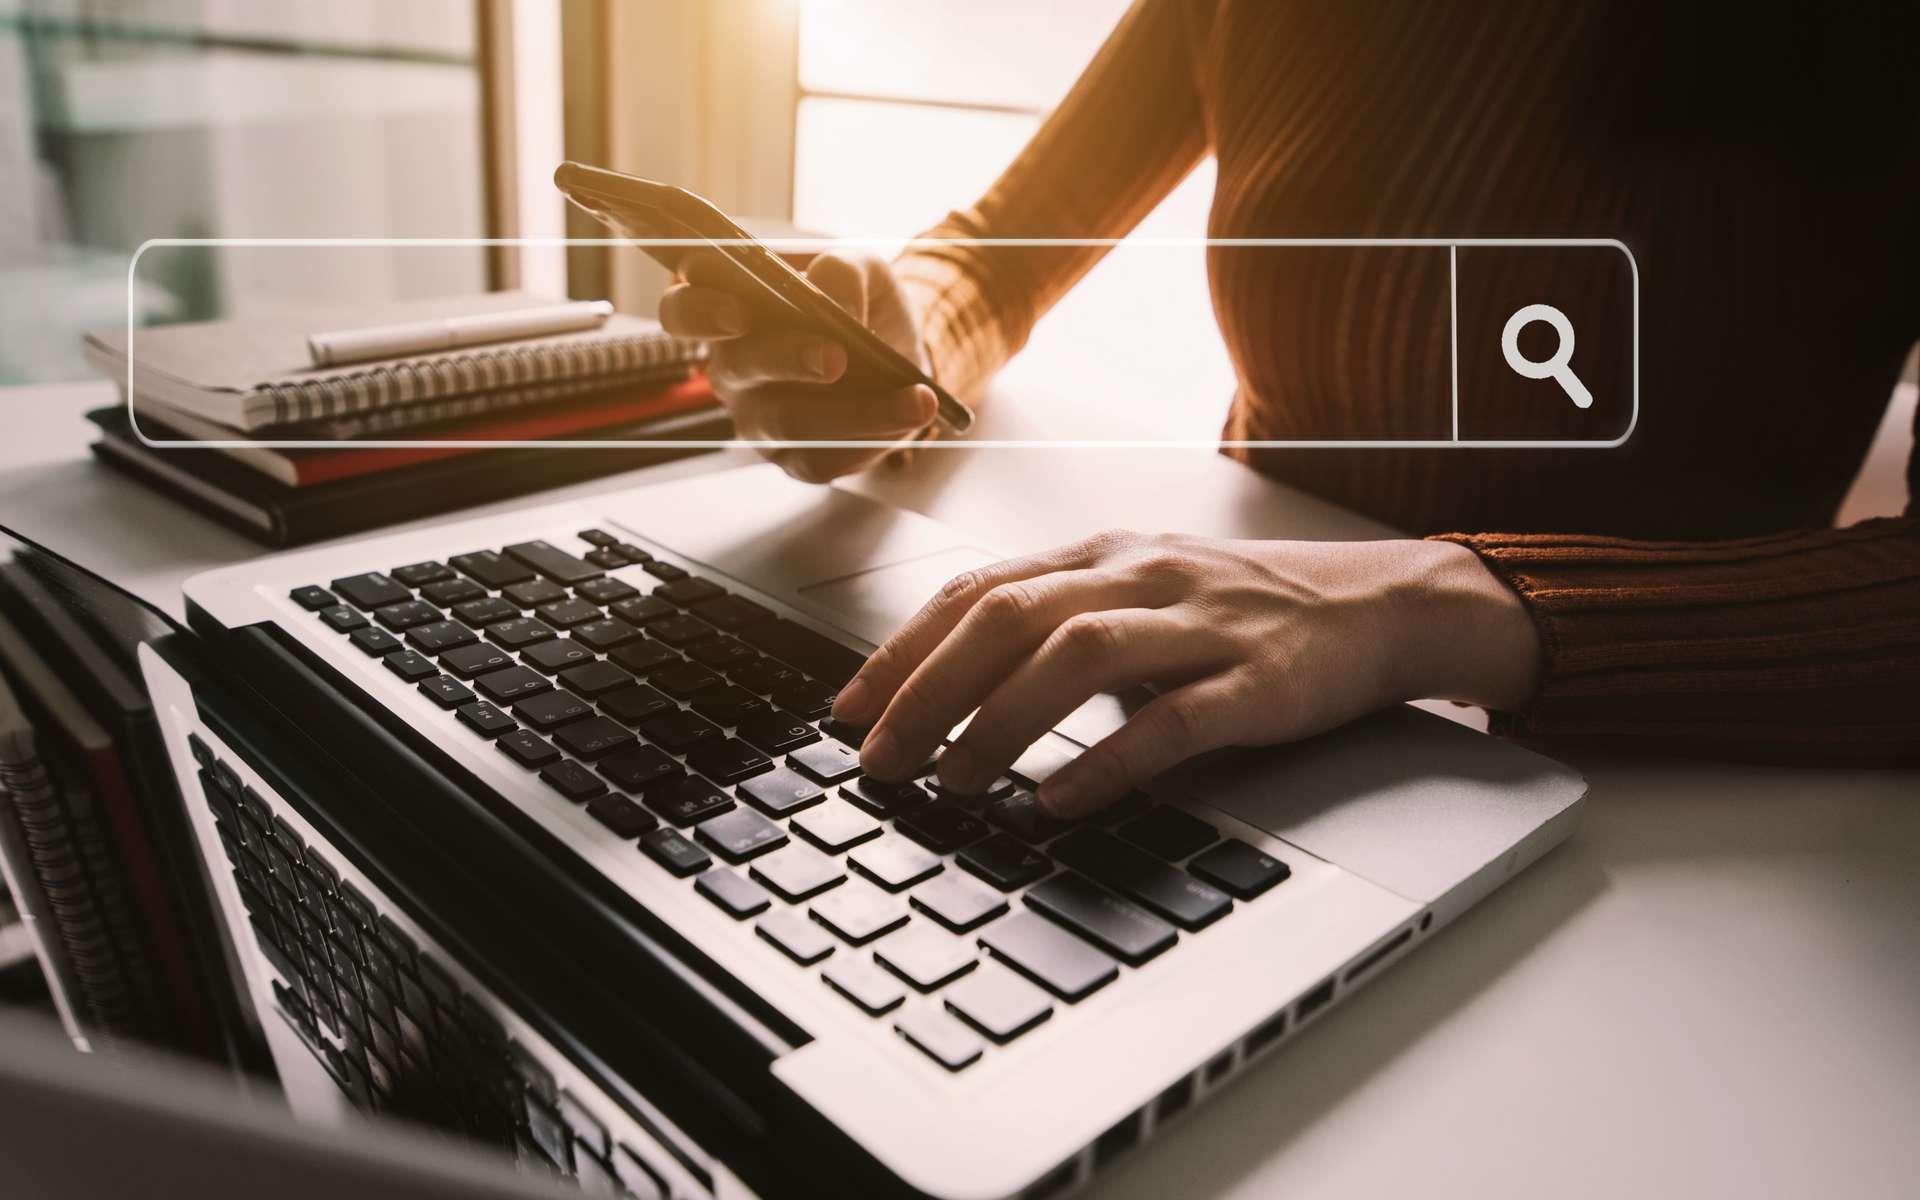 Comment héberger un site web ? © mrmohock, Adobe Stock